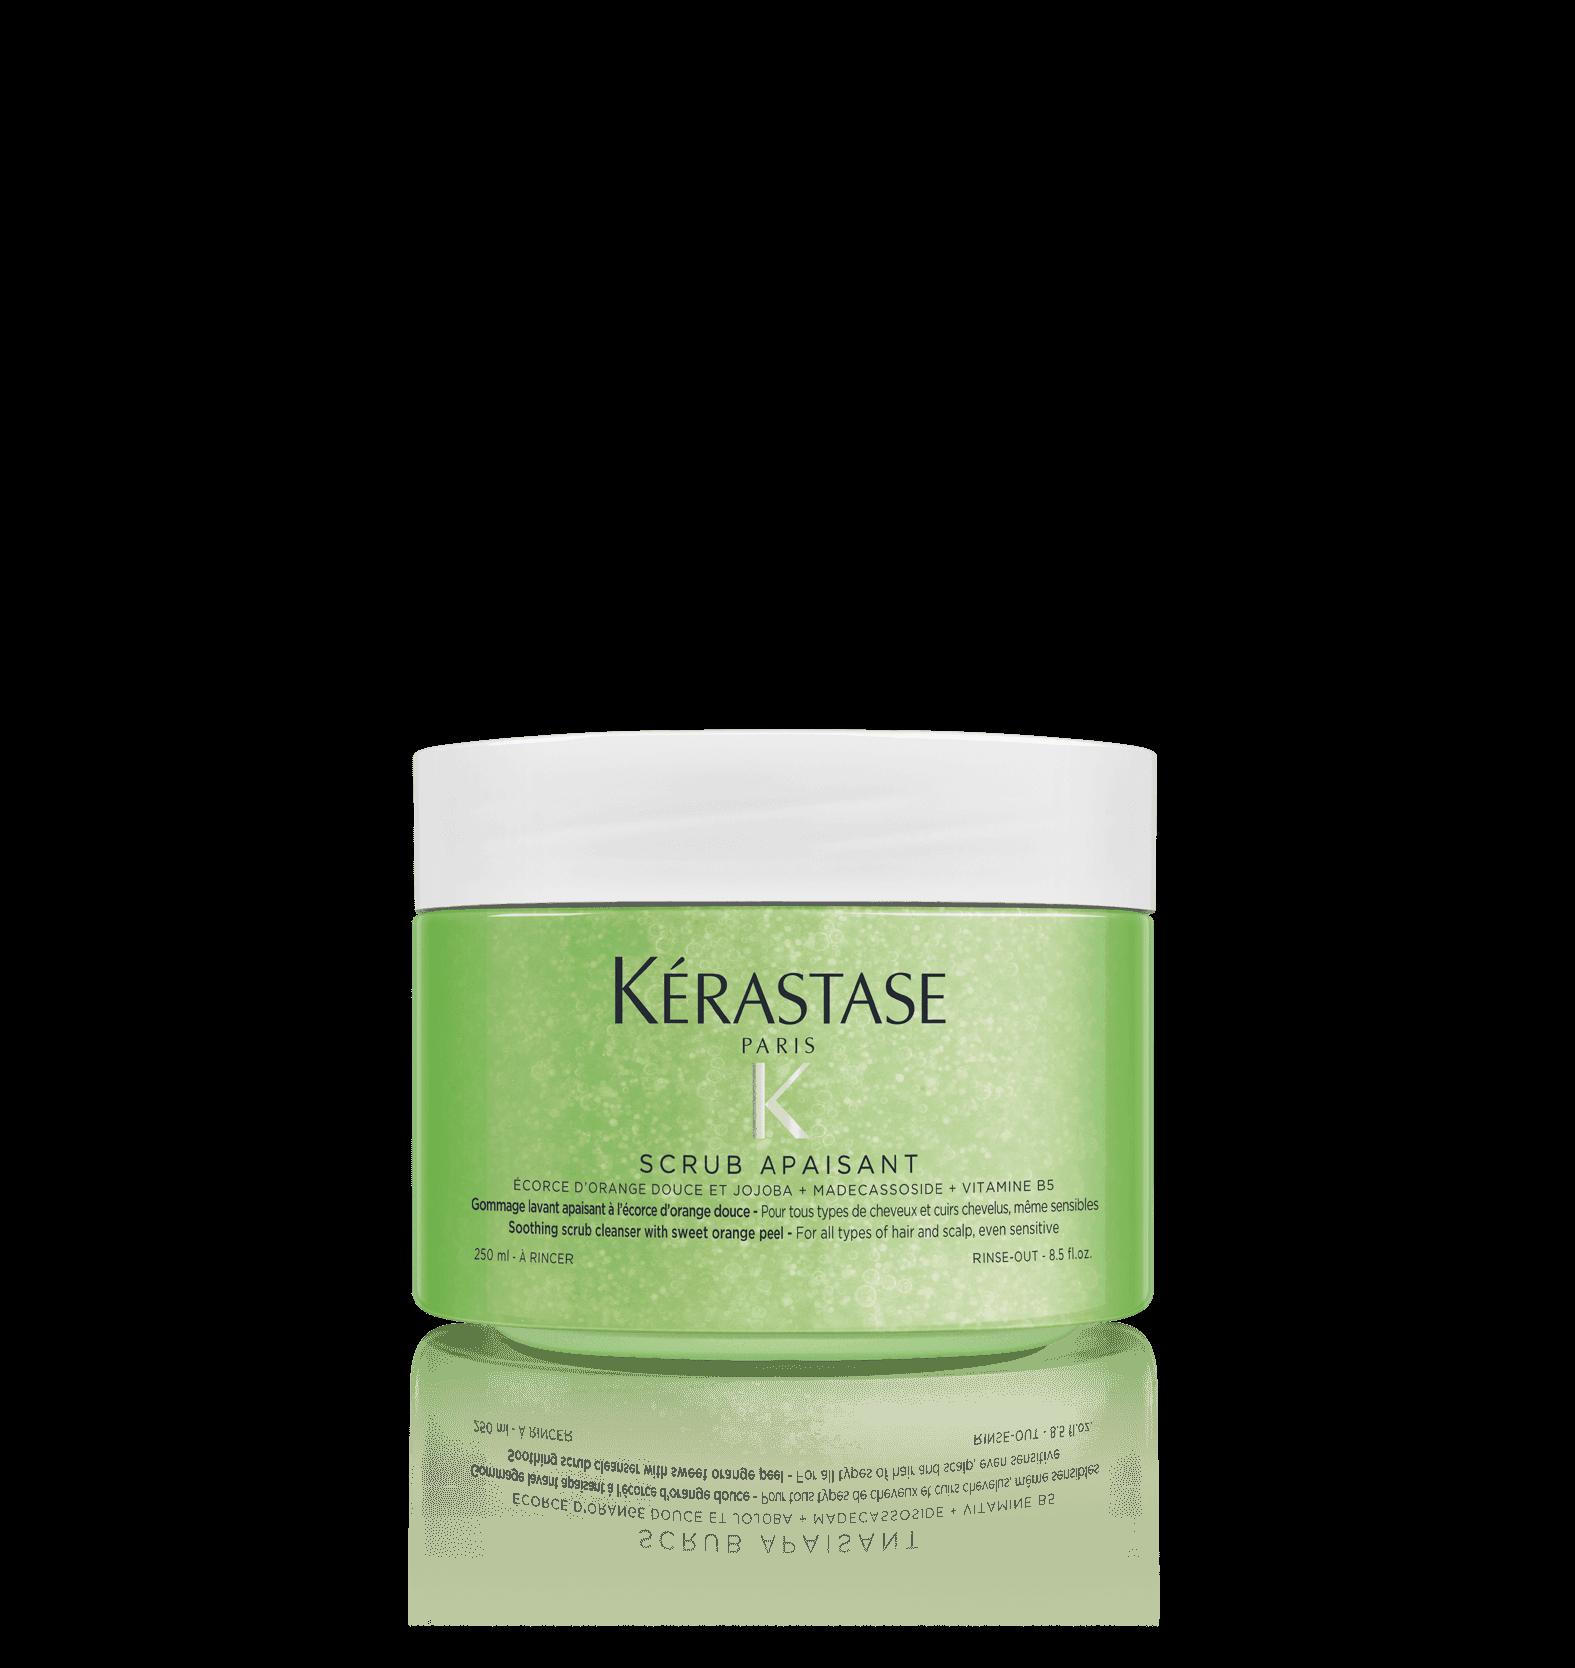 Fusio Scrub - Products - Kérastase - Hair Products, Hair